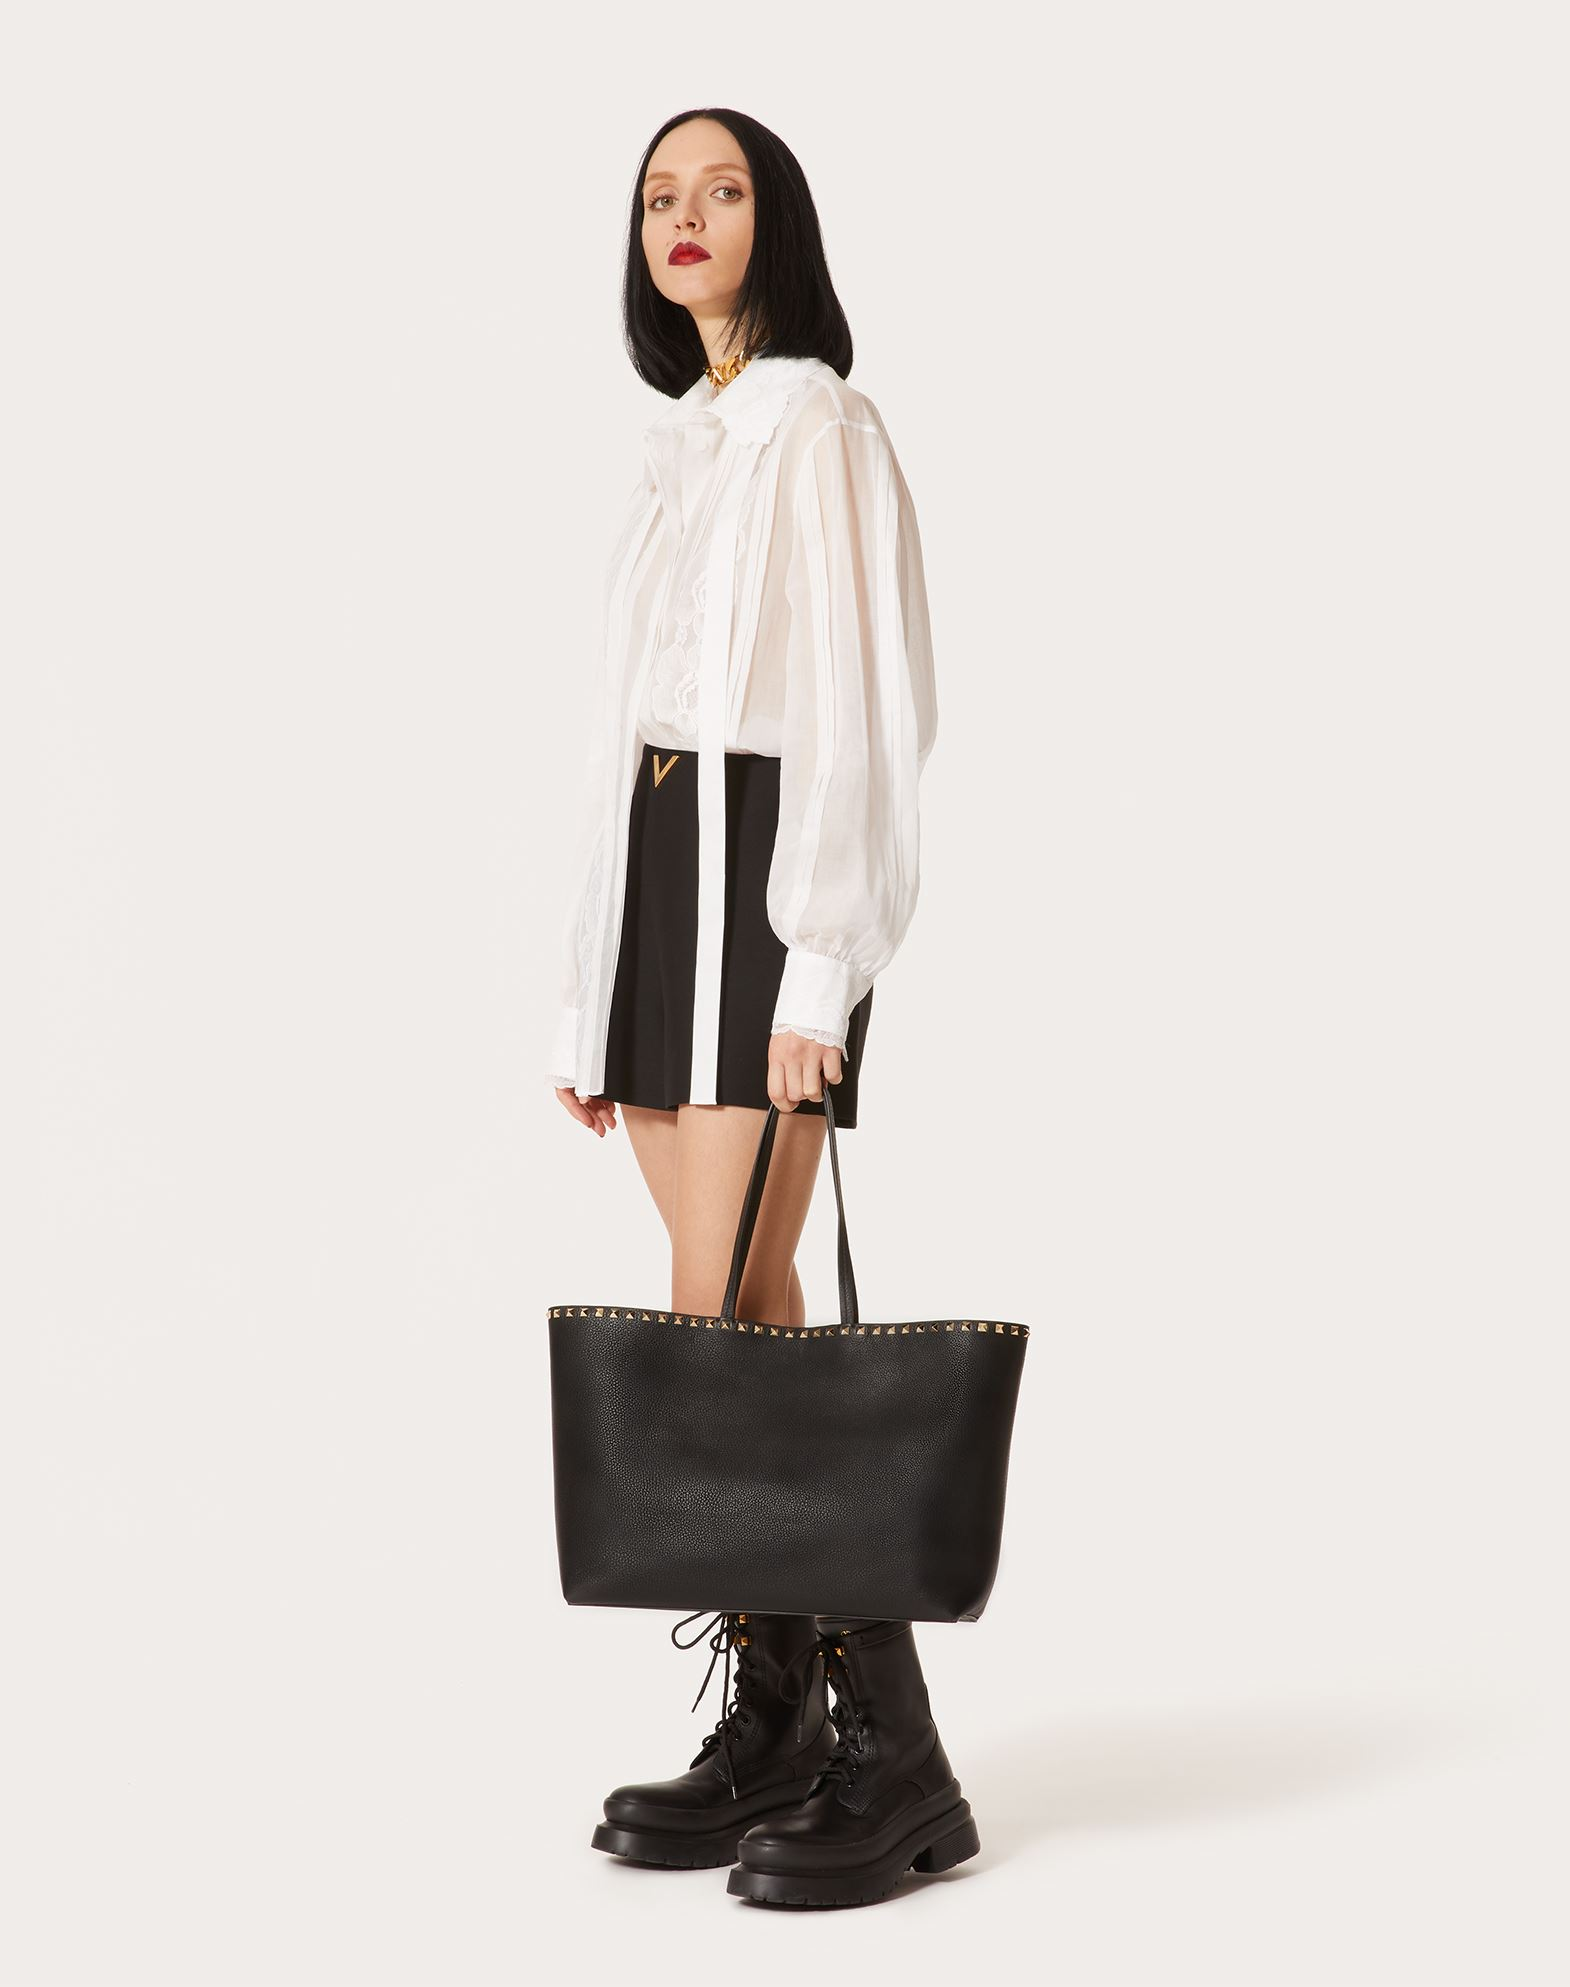 VALENTINO GARAVANI Rockstud 购物袋 Tote 手袋 D b